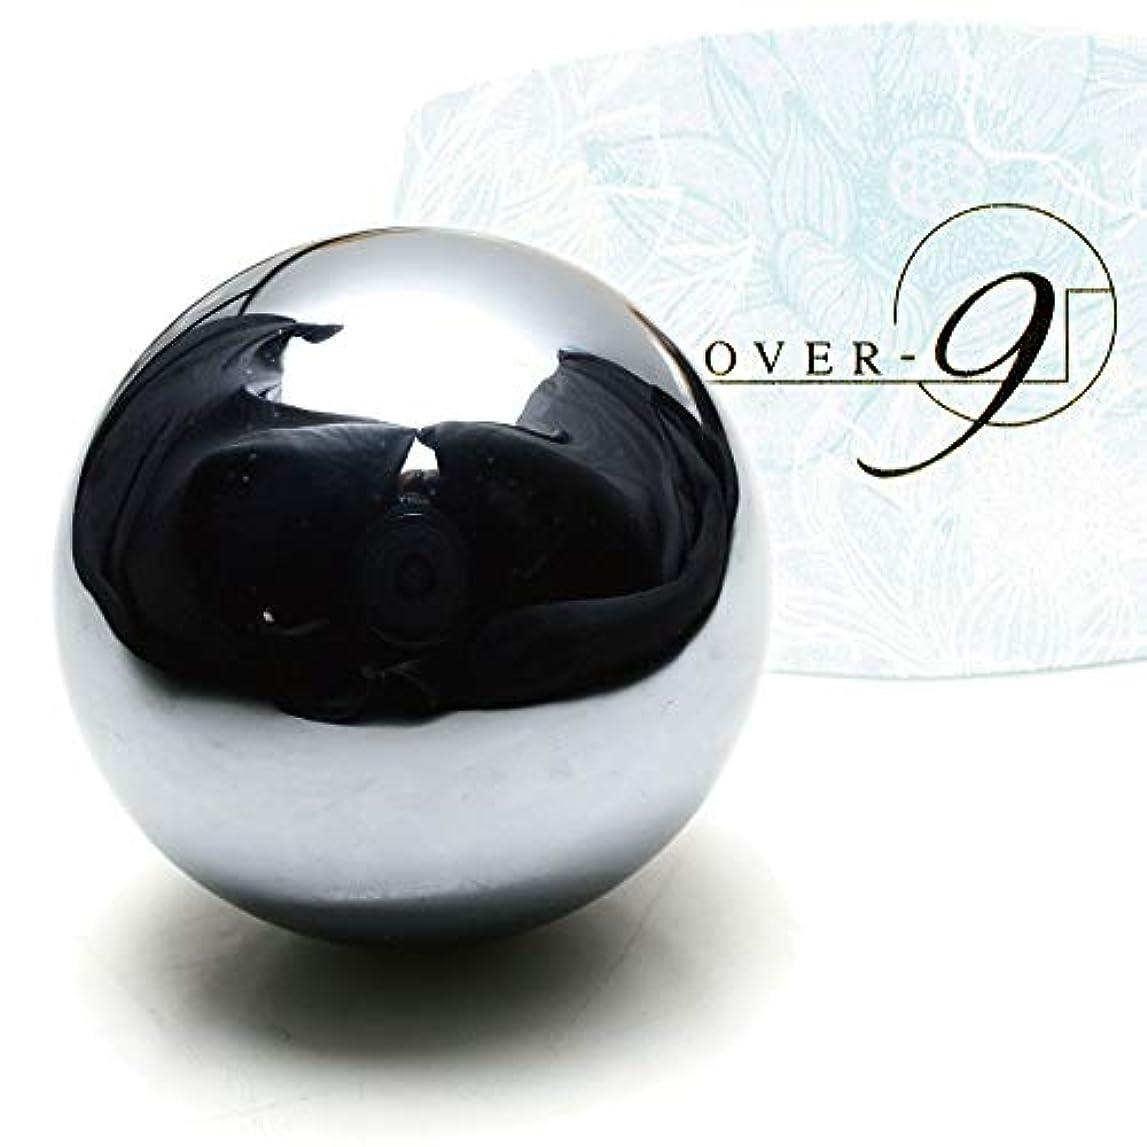 レガシーストレージキロメートルテラヘルツ ボール 30mm 丸玉 マッサージボール 公的機関にて検査済み!パワーストーン 天然石 健康 美容 美顔 かっさ グッズ